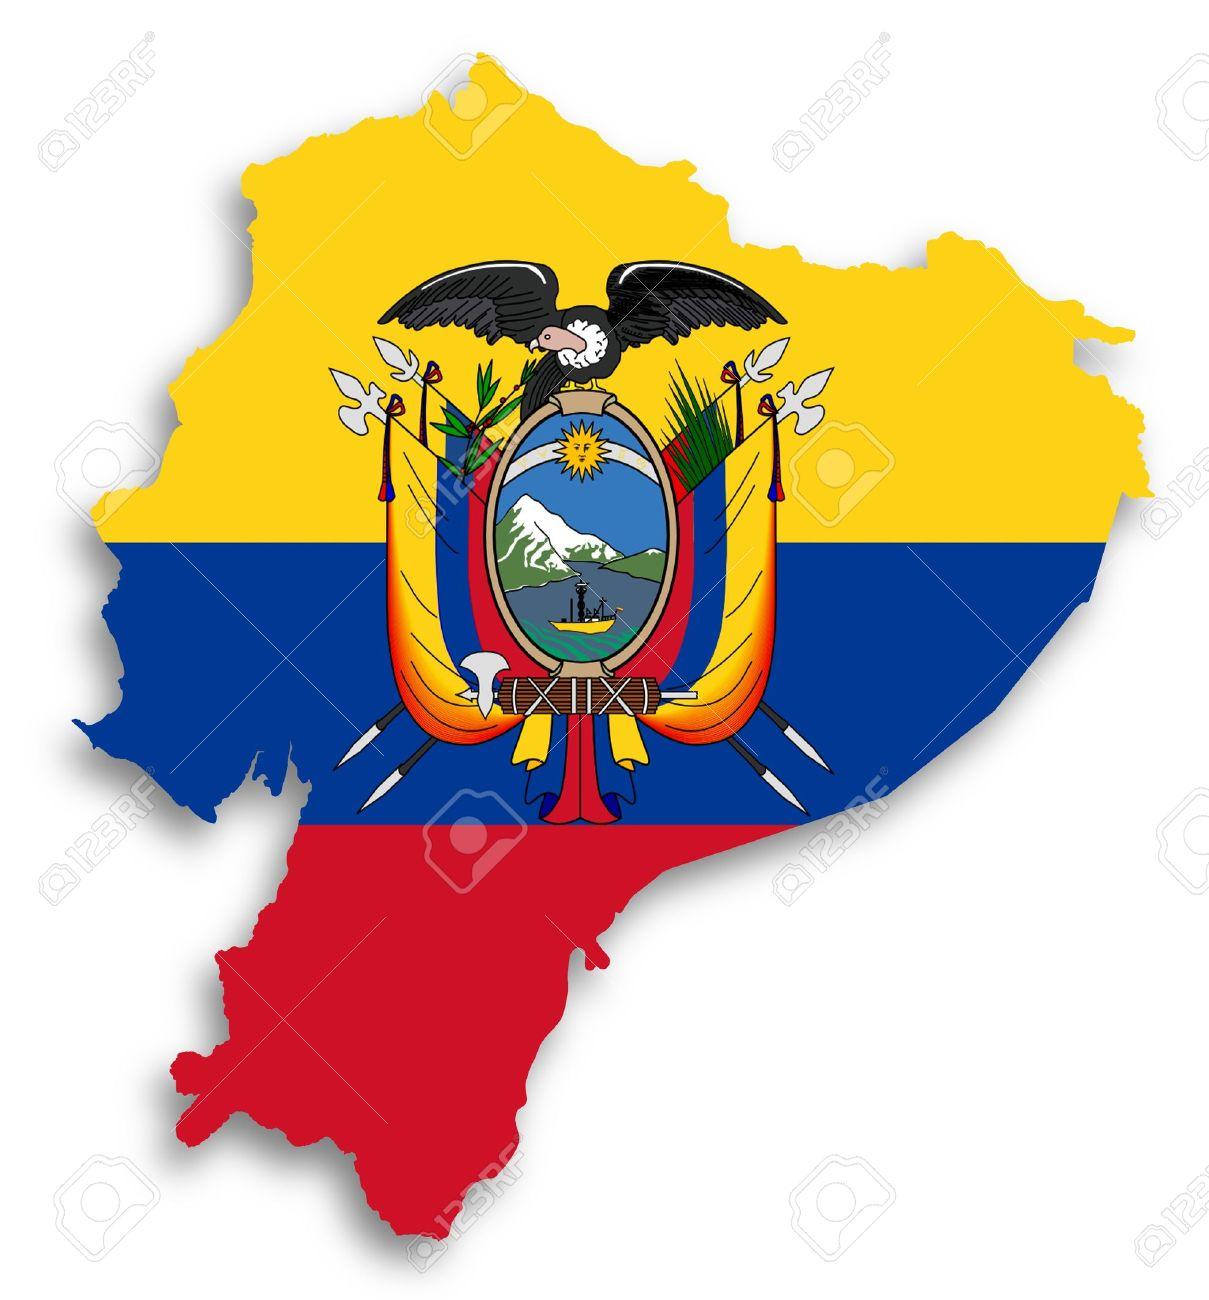 Carte de l'Equateur rempli de drapeau, isolé Banque d'images - 17783697